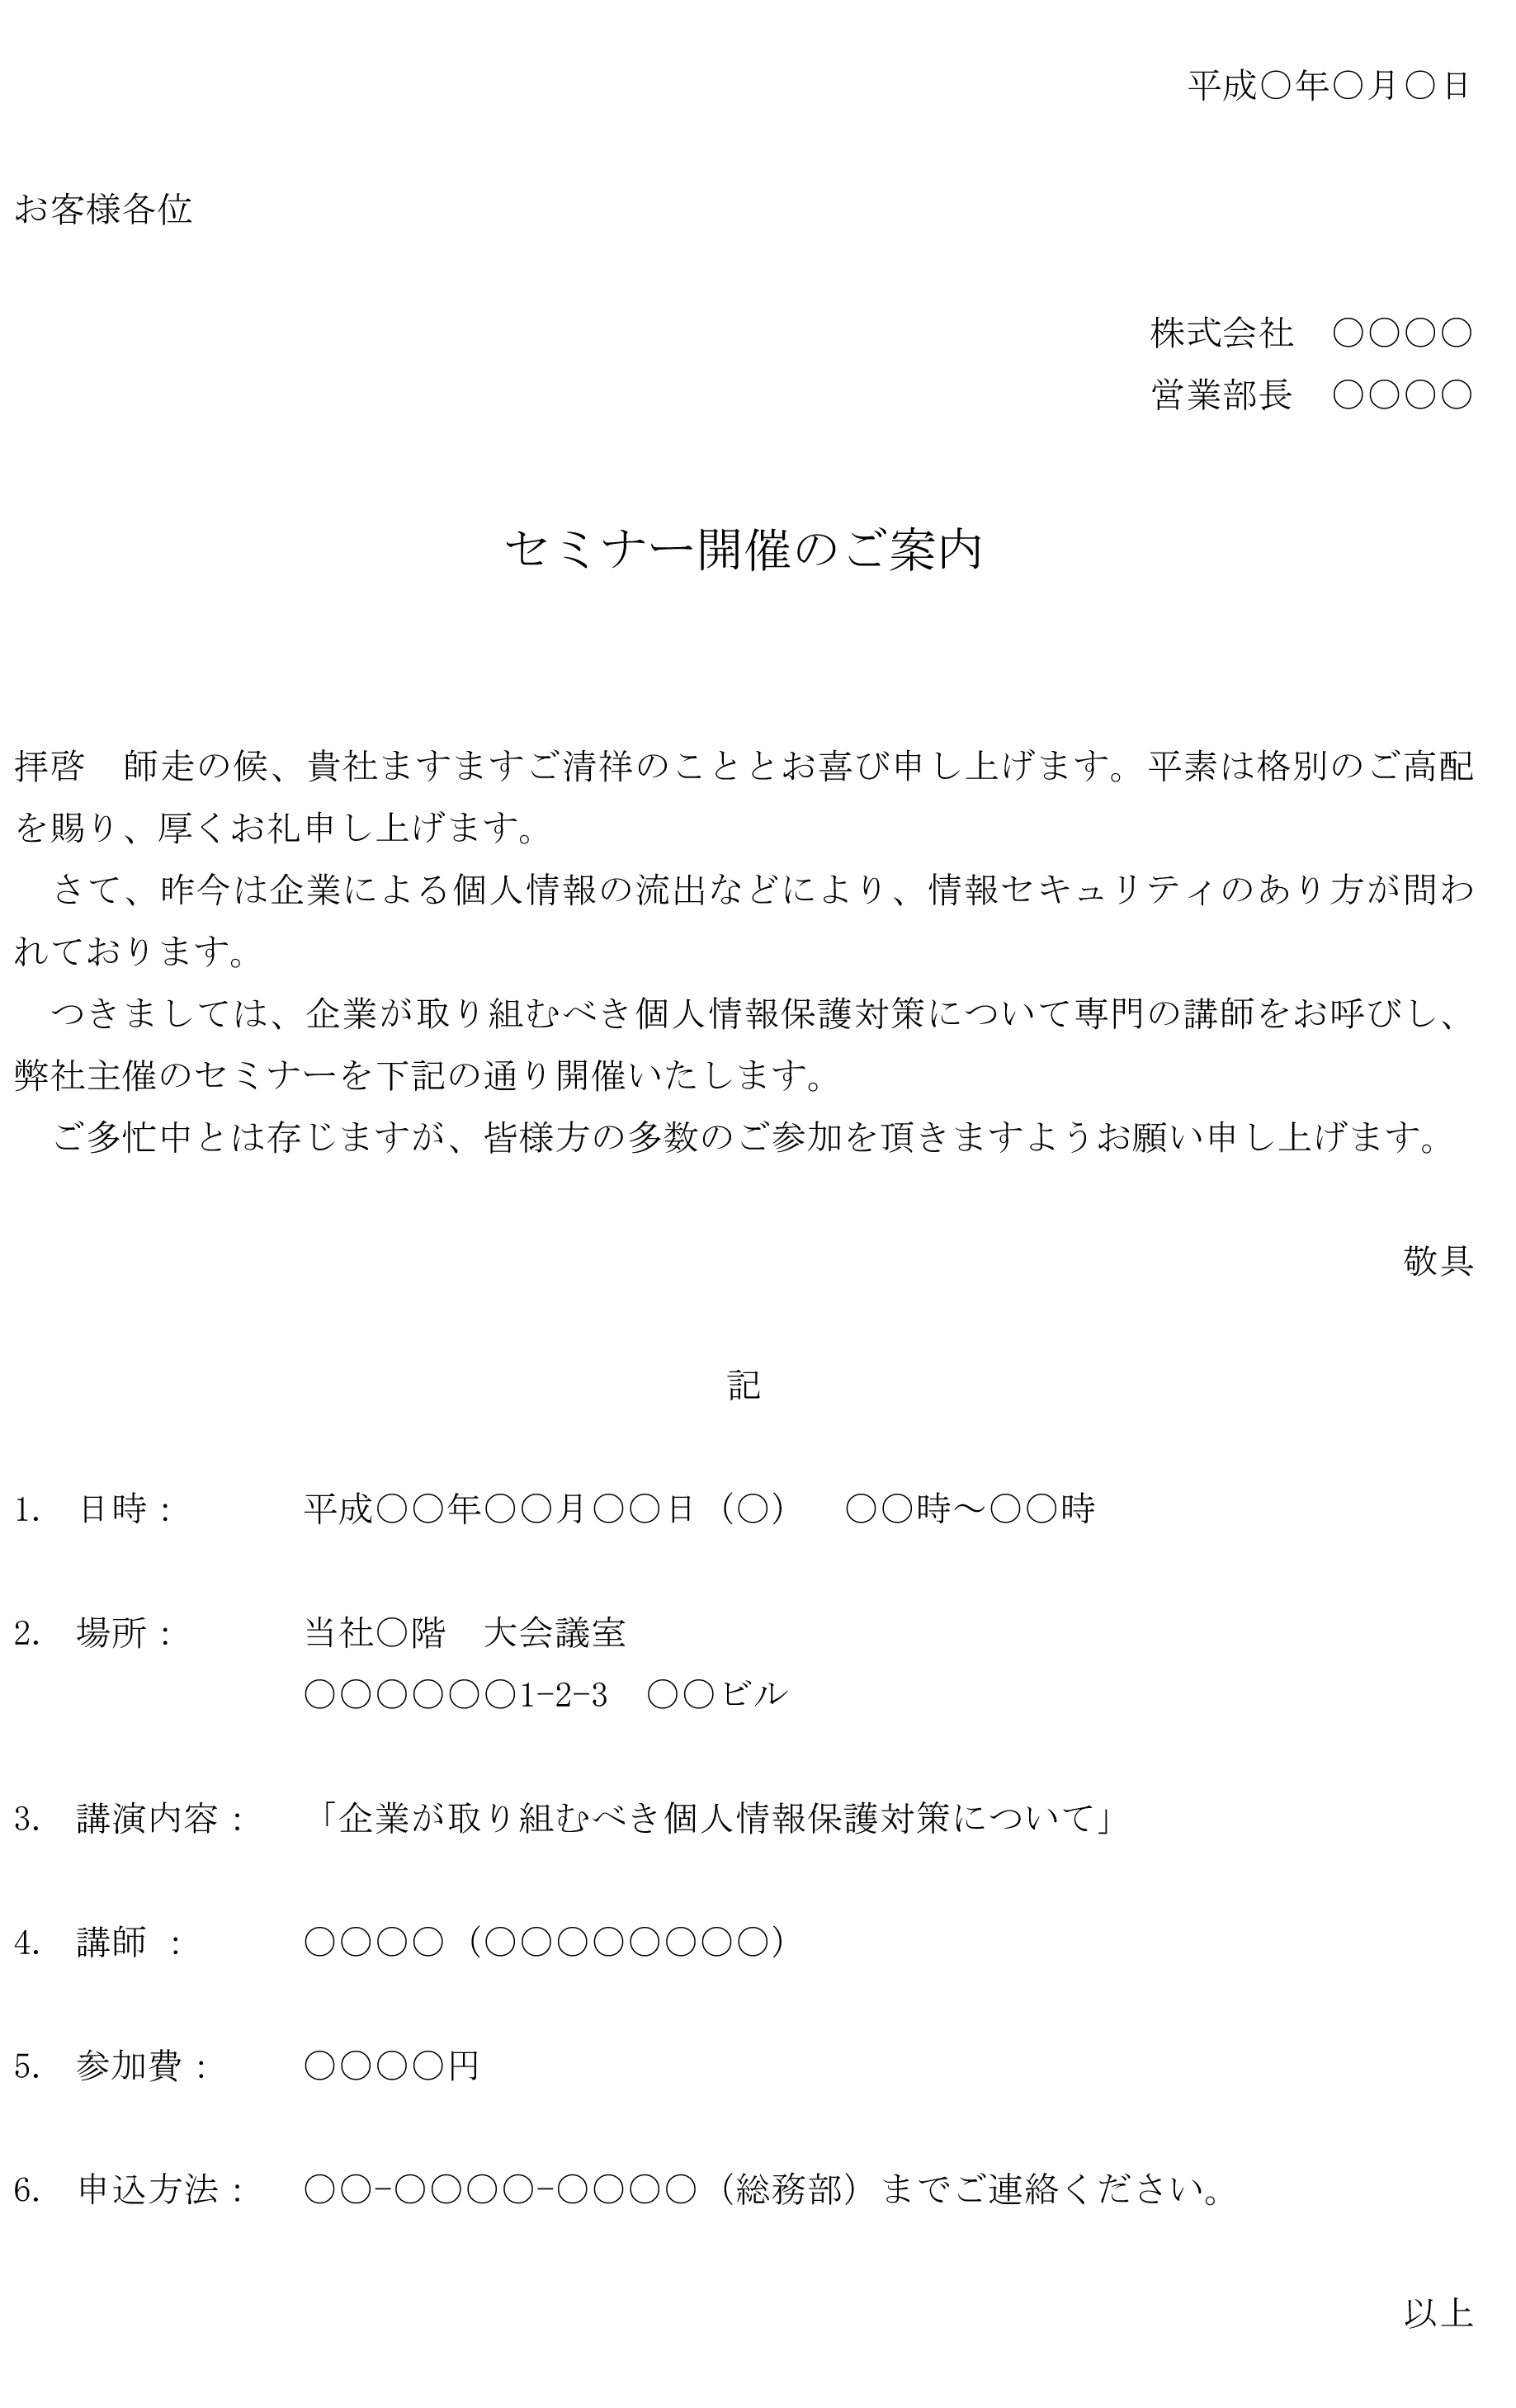 案内状(セミナー開催)01